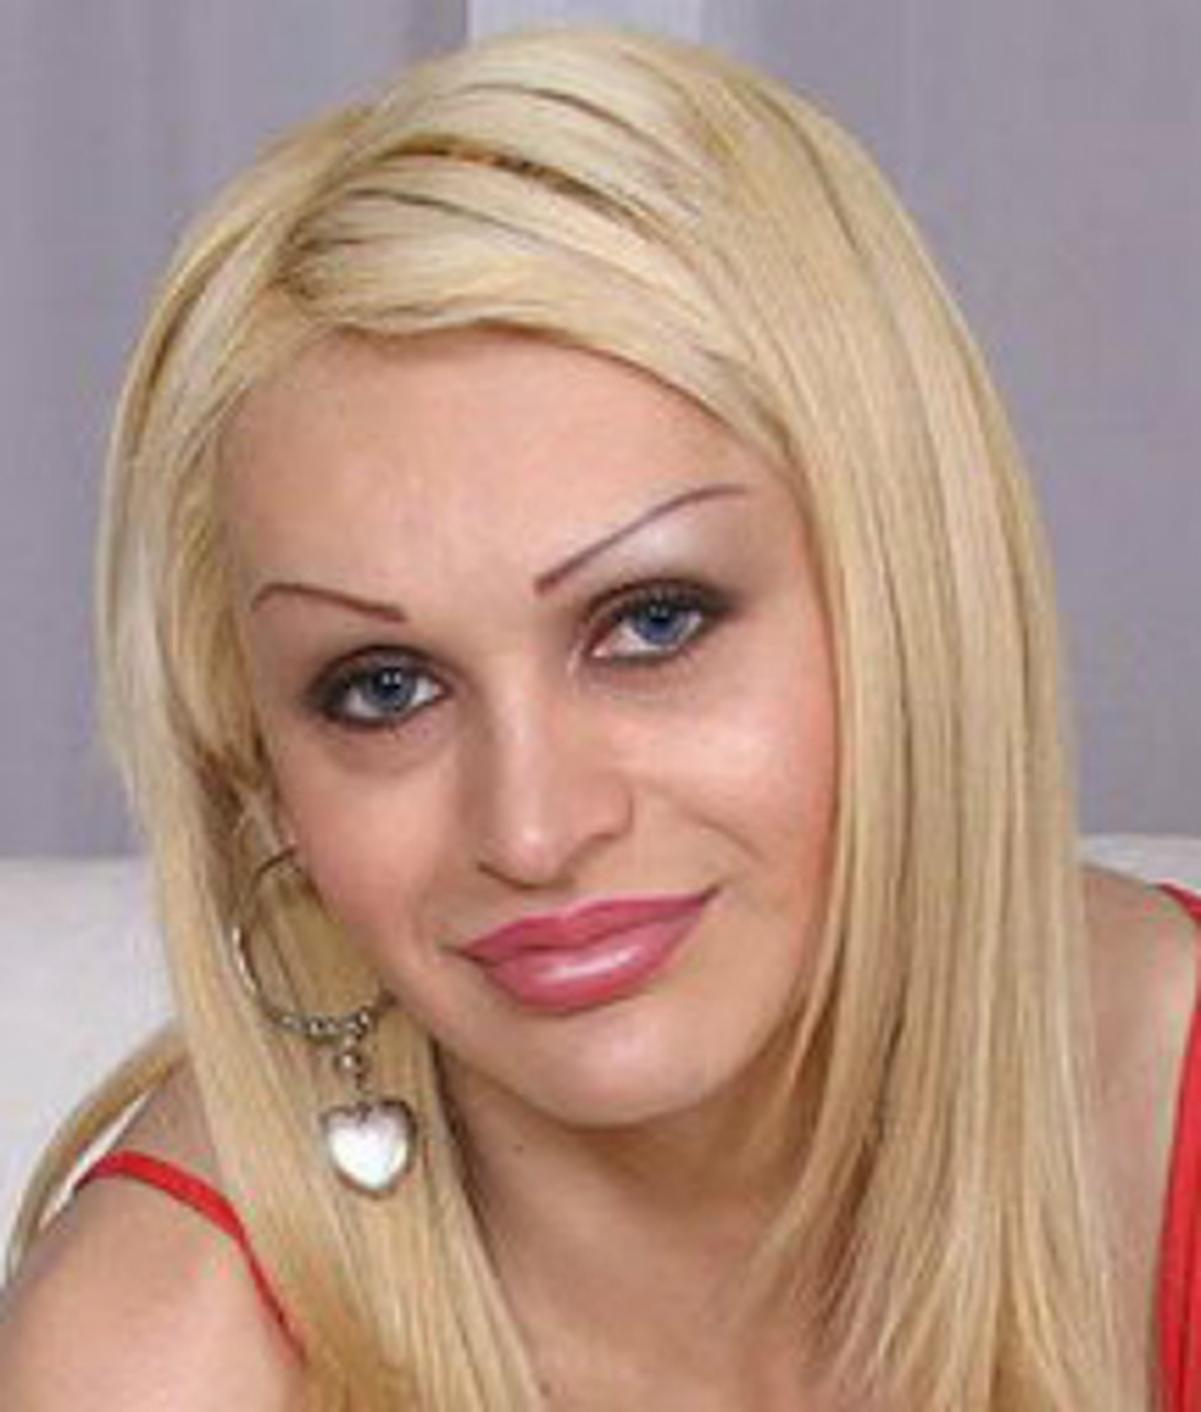 Leticia Venture